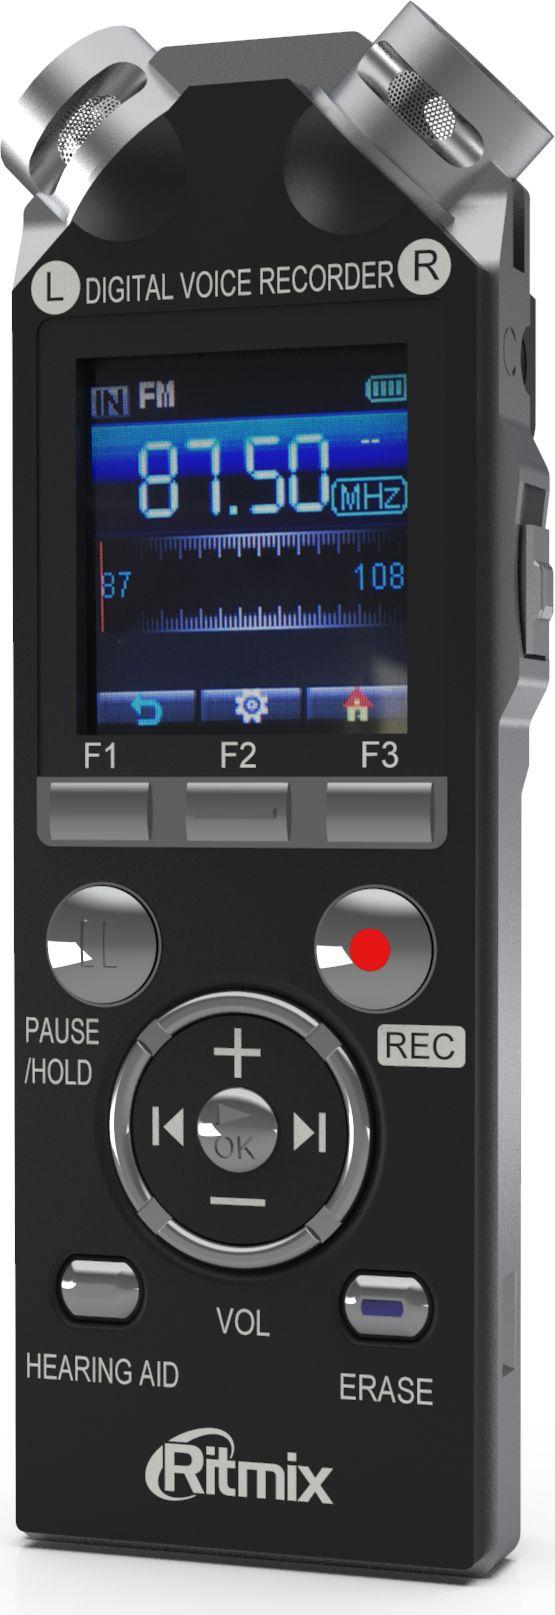 Ritmix RR-989 4GB, Black диктофон15119318Ritmix RR-989 - это цифровой диктофон с цветным ЖК-дисплеем и функцией музыкального плеера. Модель оснащена двумя встроенными высокочувствительными микрофонами, расположенными под углом 90 градусов для записи естественного стереозвука. Поддерживает различные настройки качества и режимов записи, также имеет функцию слухового аппарата и FM-радио.Диктофон интуитивно понятен в управлении, запись начинается нажатием всего одной кнопки либо при помощи голосовой активации. Данная модель имеет продвинутый набор функций и богатую комплектацию.Рабочие функции:Выбор подходящего режима записи.Голосовая активация записи.Запись по таймеру.Настройки чувствительности микрофона.Временные метки.Блокировка клавиш.Специальные возможности:Запись радиопередач.Световой индикатор записи.Функция слухового аппарата.Функция музыкального плеера.Функция съемного диска.